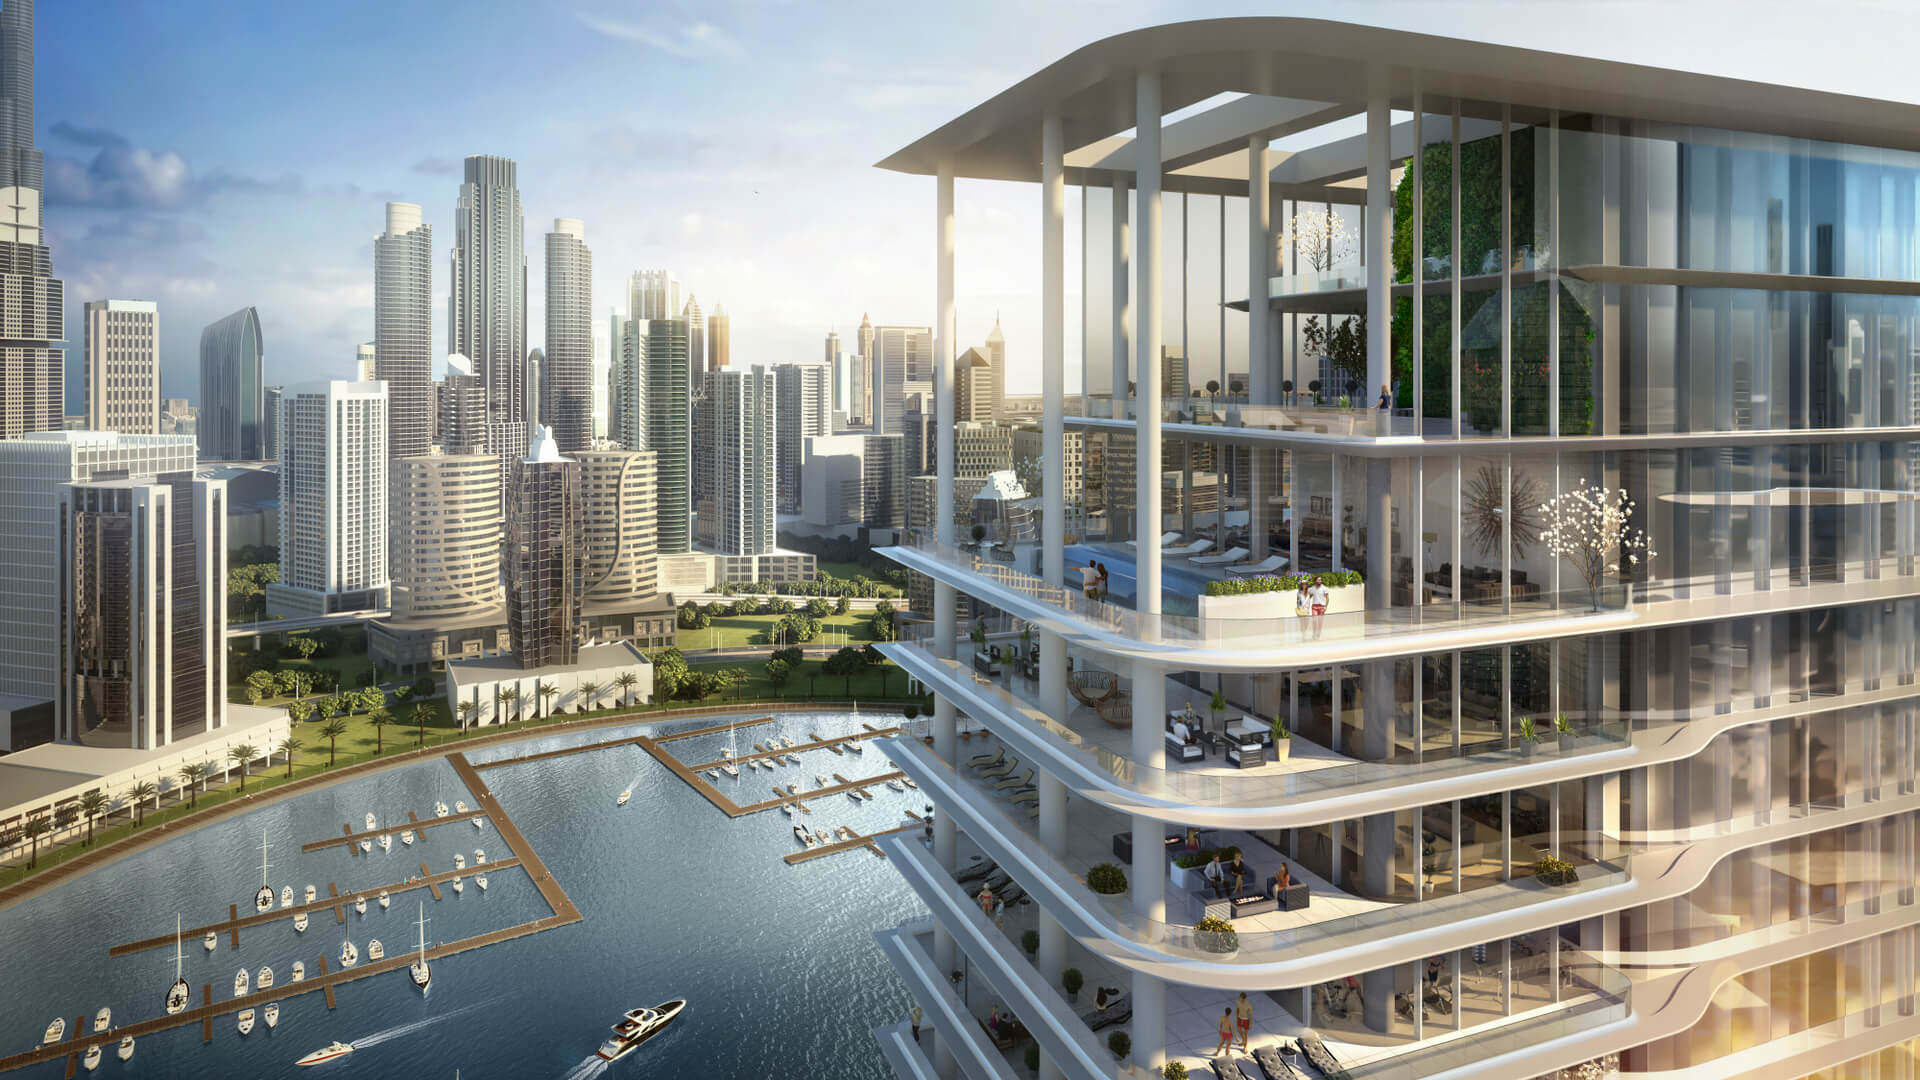 Ático en venta en Dubai, EAU, 5 dormitorios, 1645 m2, № 24060 – foto 6